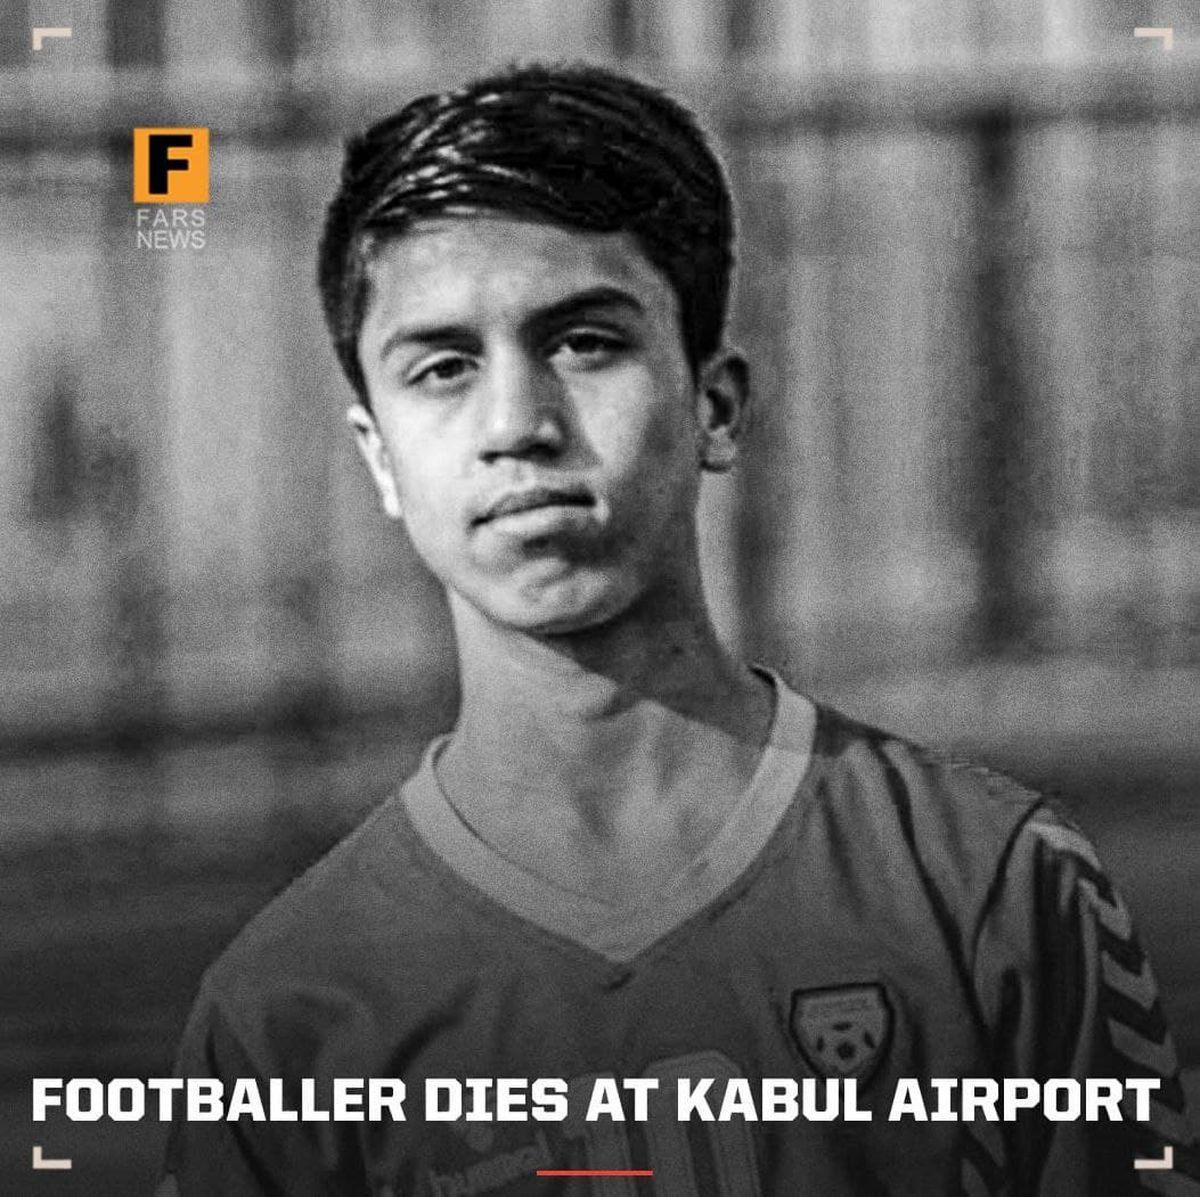 مرگ دلخراش فوتبالیست جوانان افغانی با سقوط از هواپیما